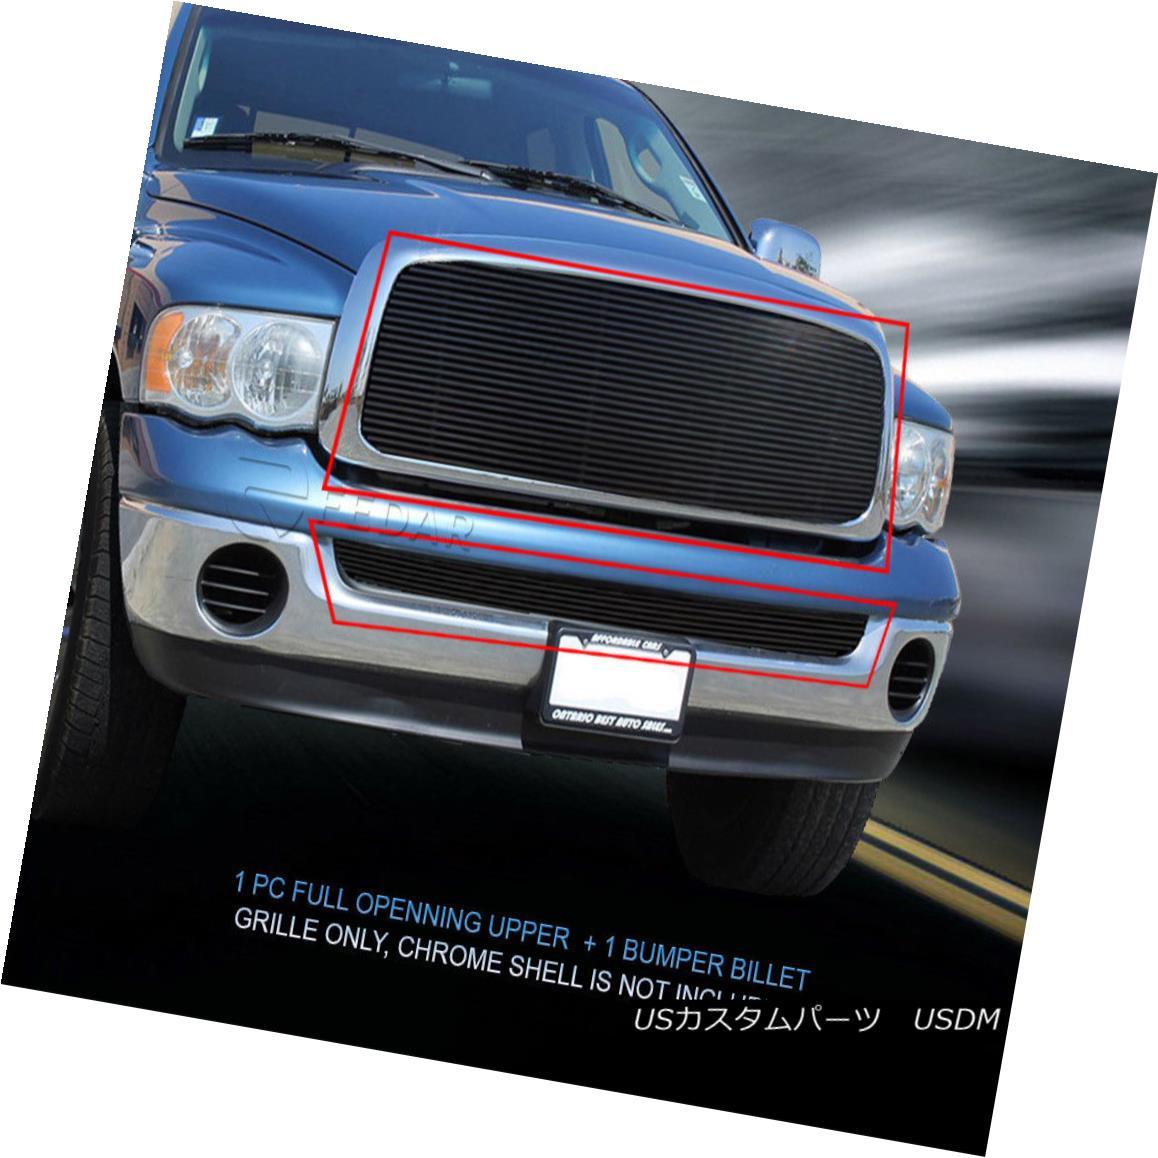 グリル Fedar Fits 2002-2005 Dodge RAM Cover All No Cut Black Billet Grille Combo Fedar Fitting 2002-2005 Dodge RAM CoverすべてのカットなしBlack Billet Grille Combo